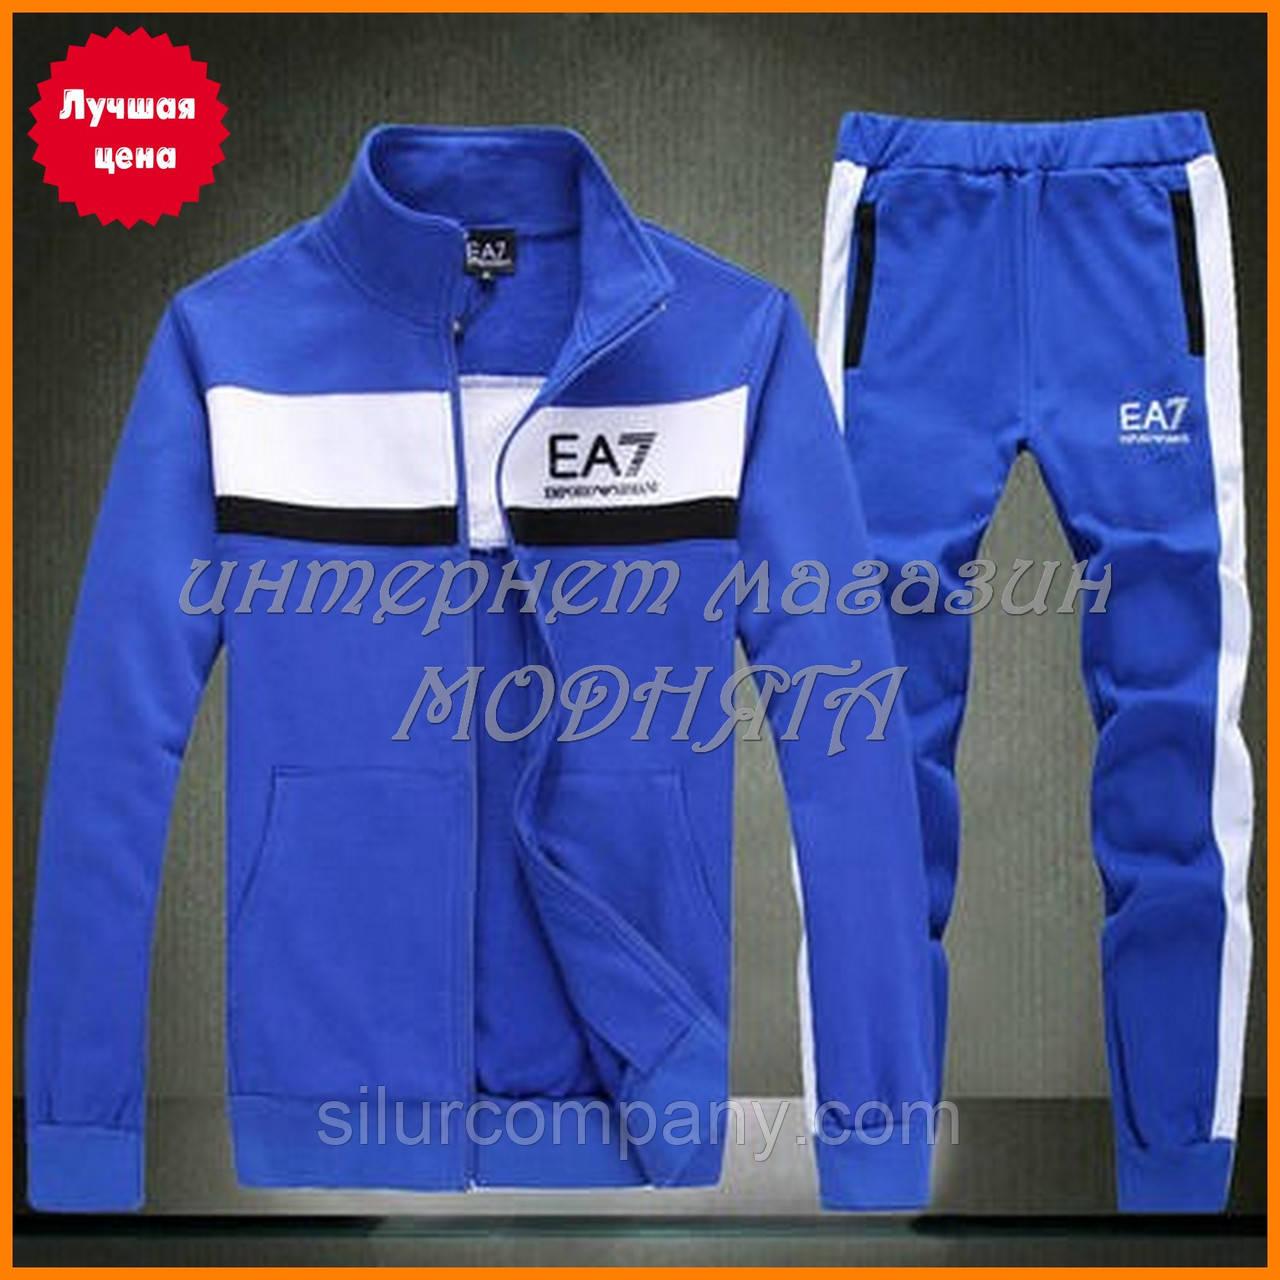 73cdebd5be3a Детские спортивные костюмы   Магазин детской одежды - Интернет магазин